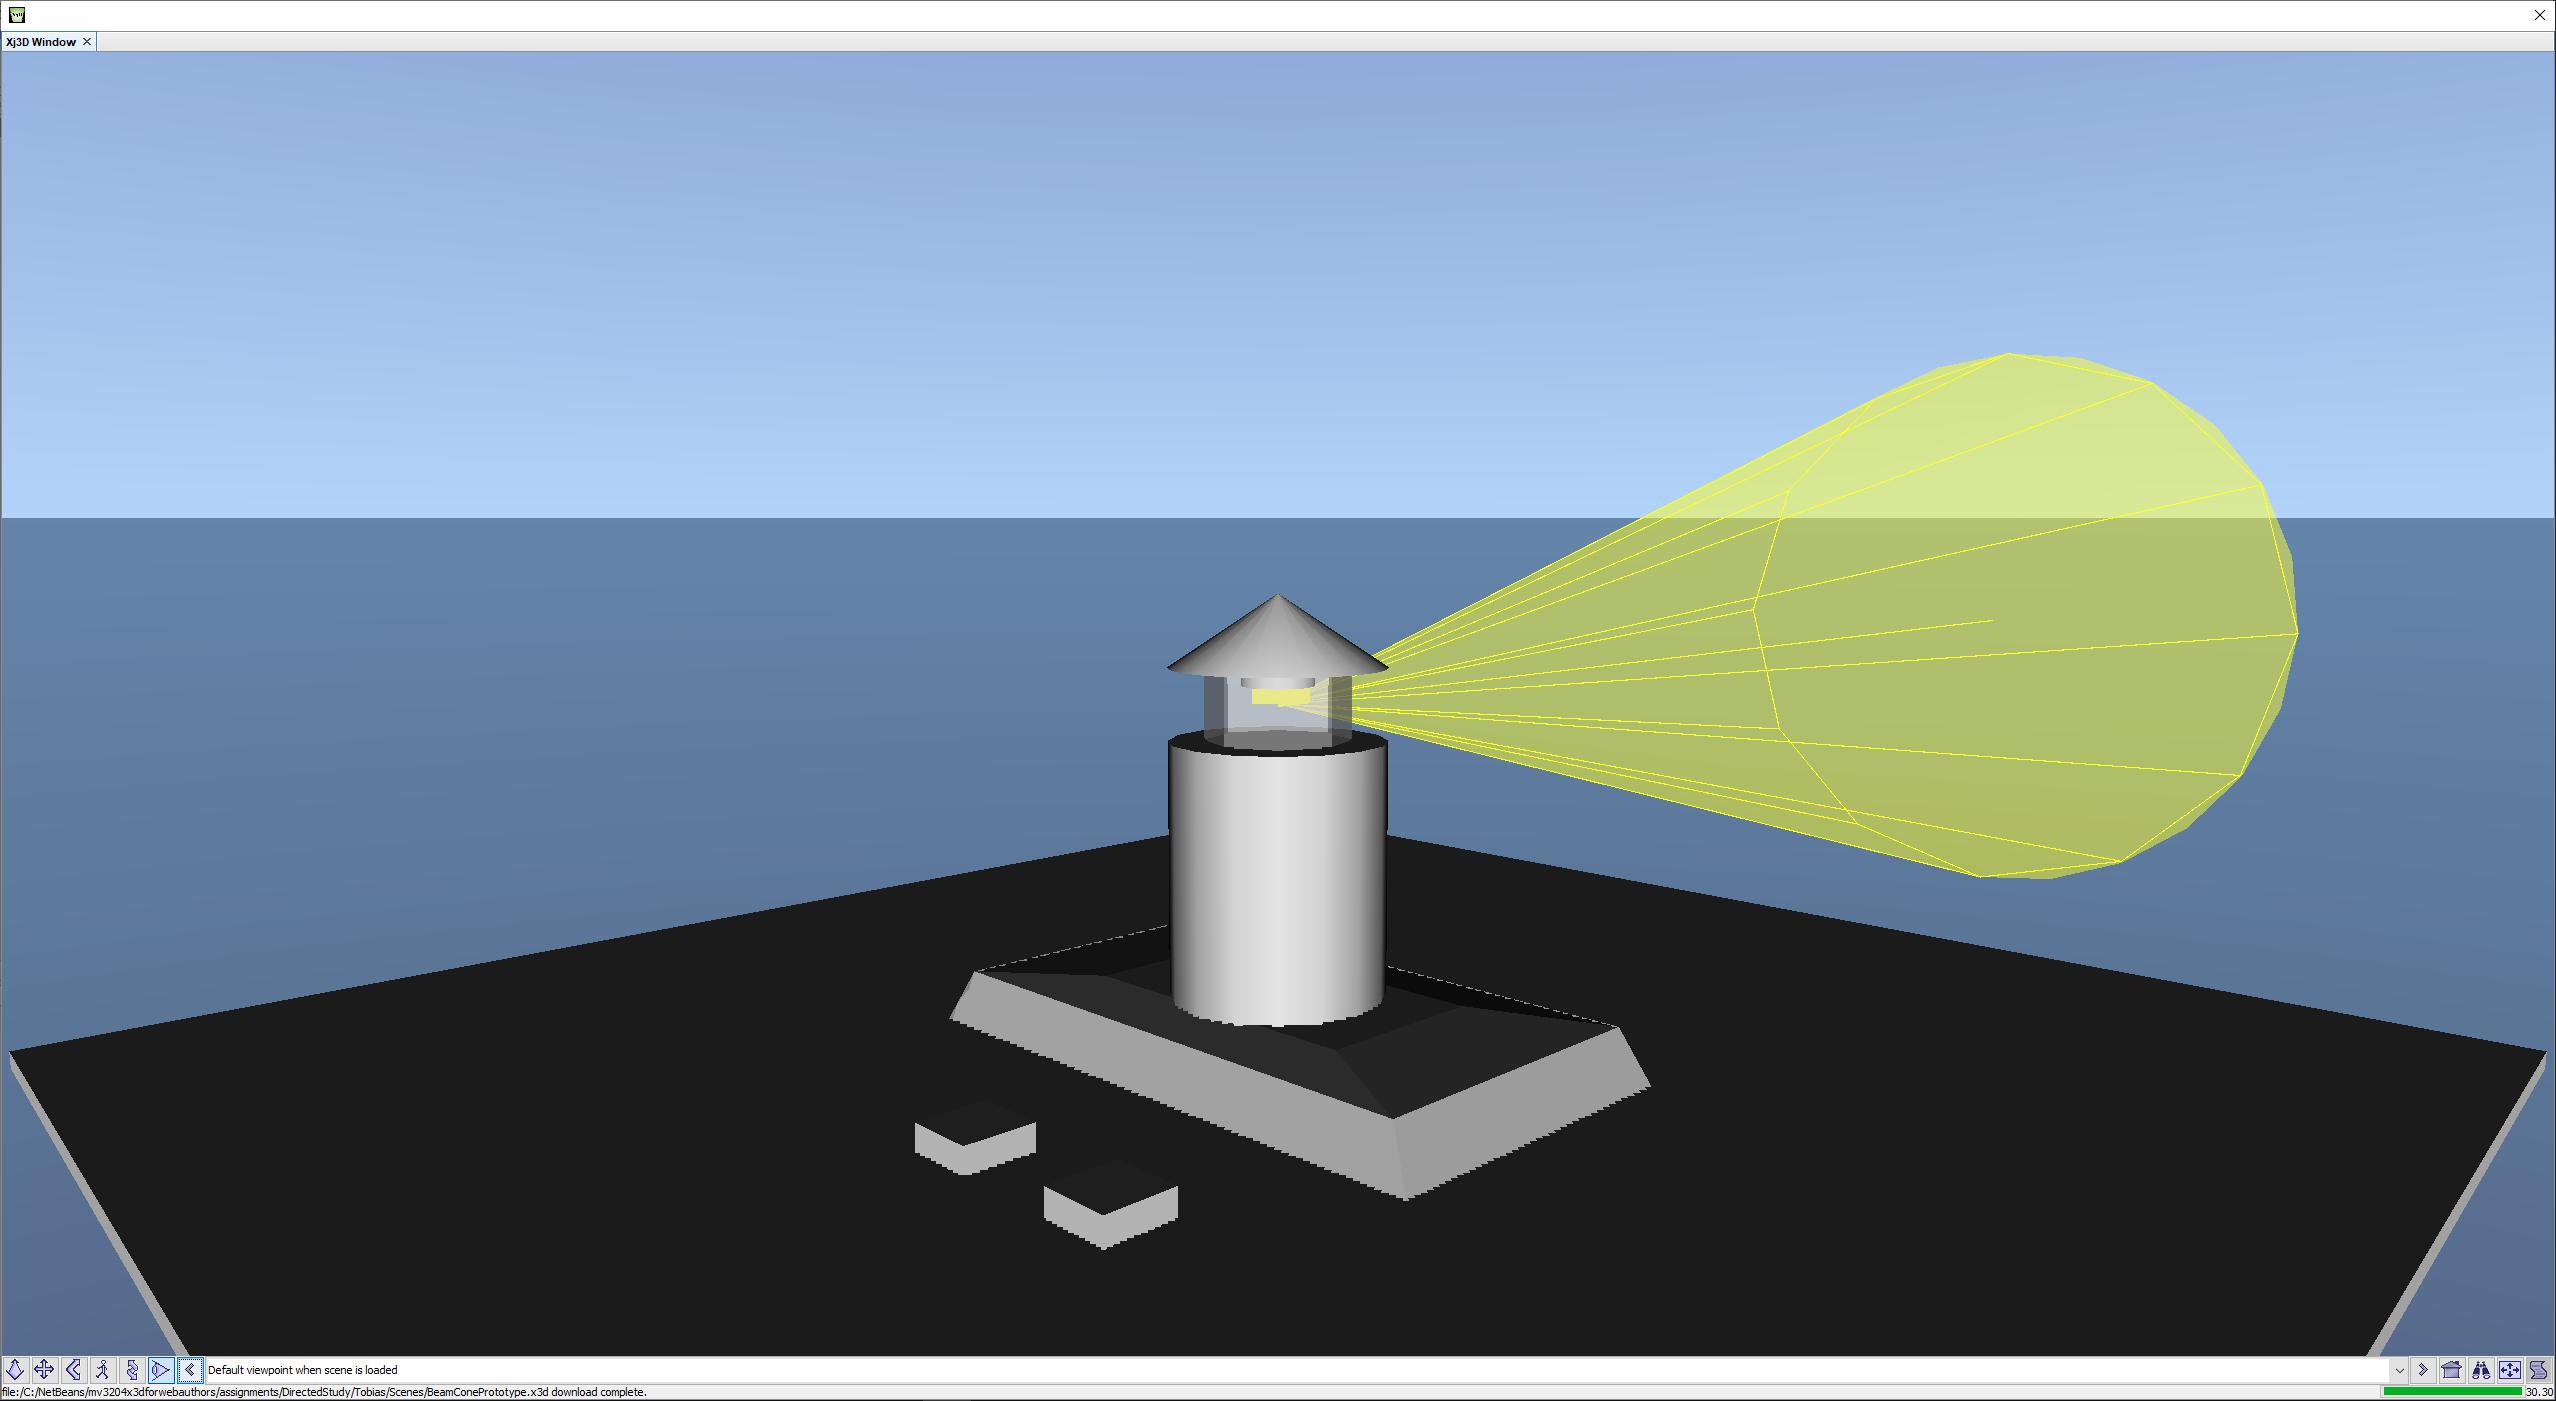 BrennenstuhlTobias/Screenshots/Player/Lighthouse/LightHouse.Xj3D PlugIn.png